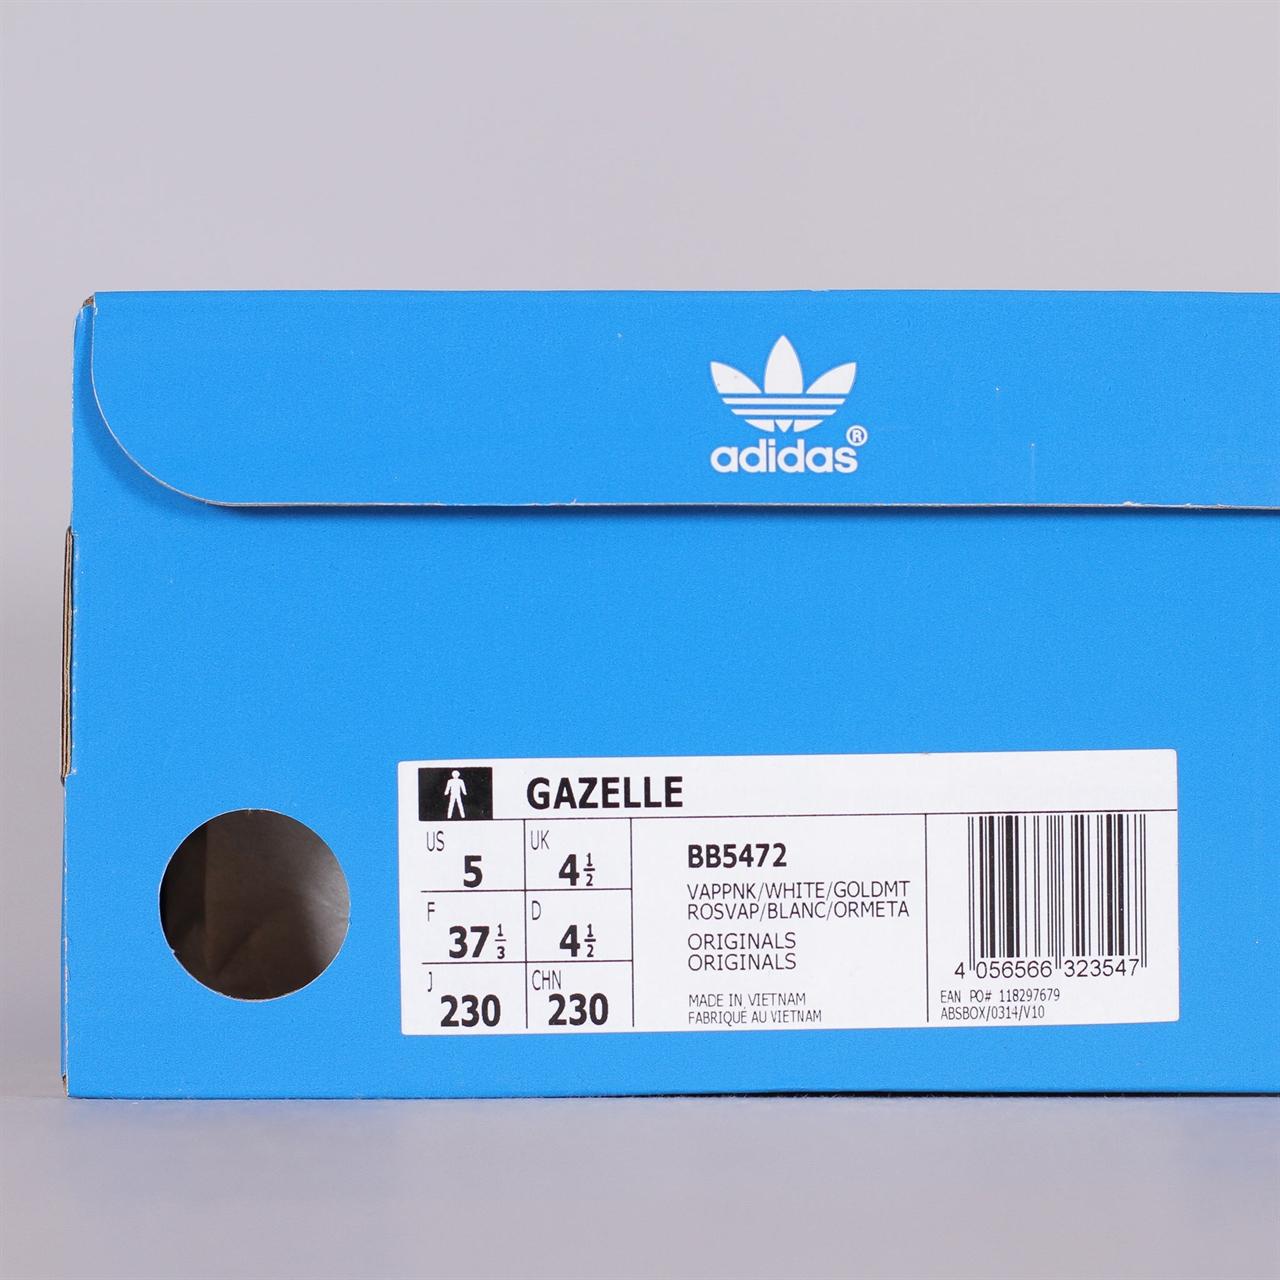 reputable site 0a11a 42e0f Adidas OriginalsAdidas Originals Gazelle (BB5472). 1